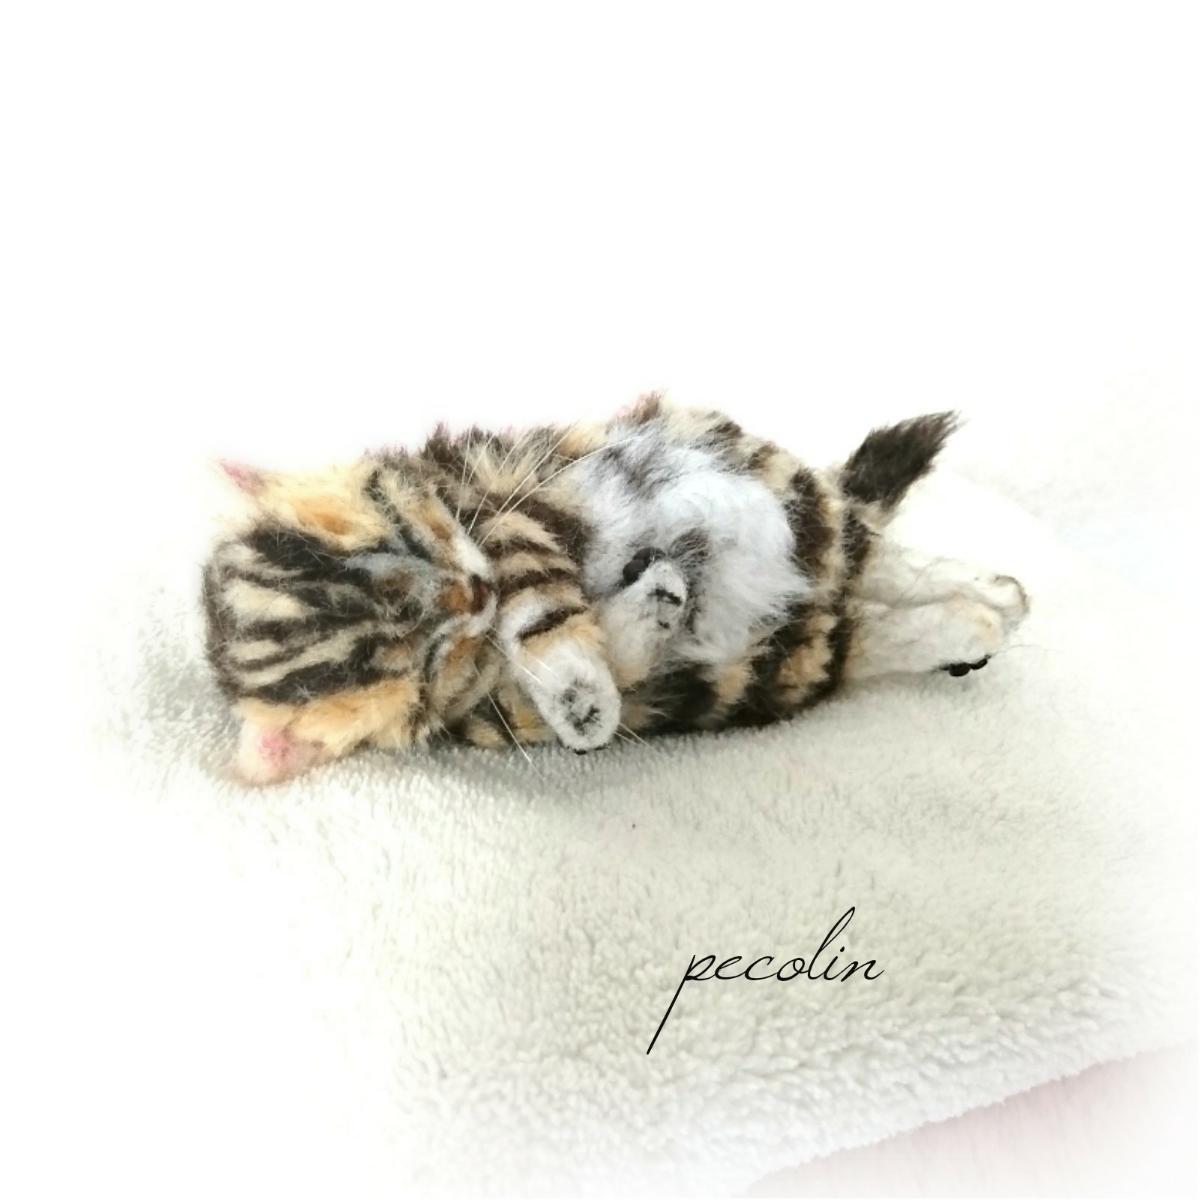 peco-lin 羊毛フェルト すやすや眠るベンガルの赤ちゃん 猫 ハンドメイド 眠り猫_画像3